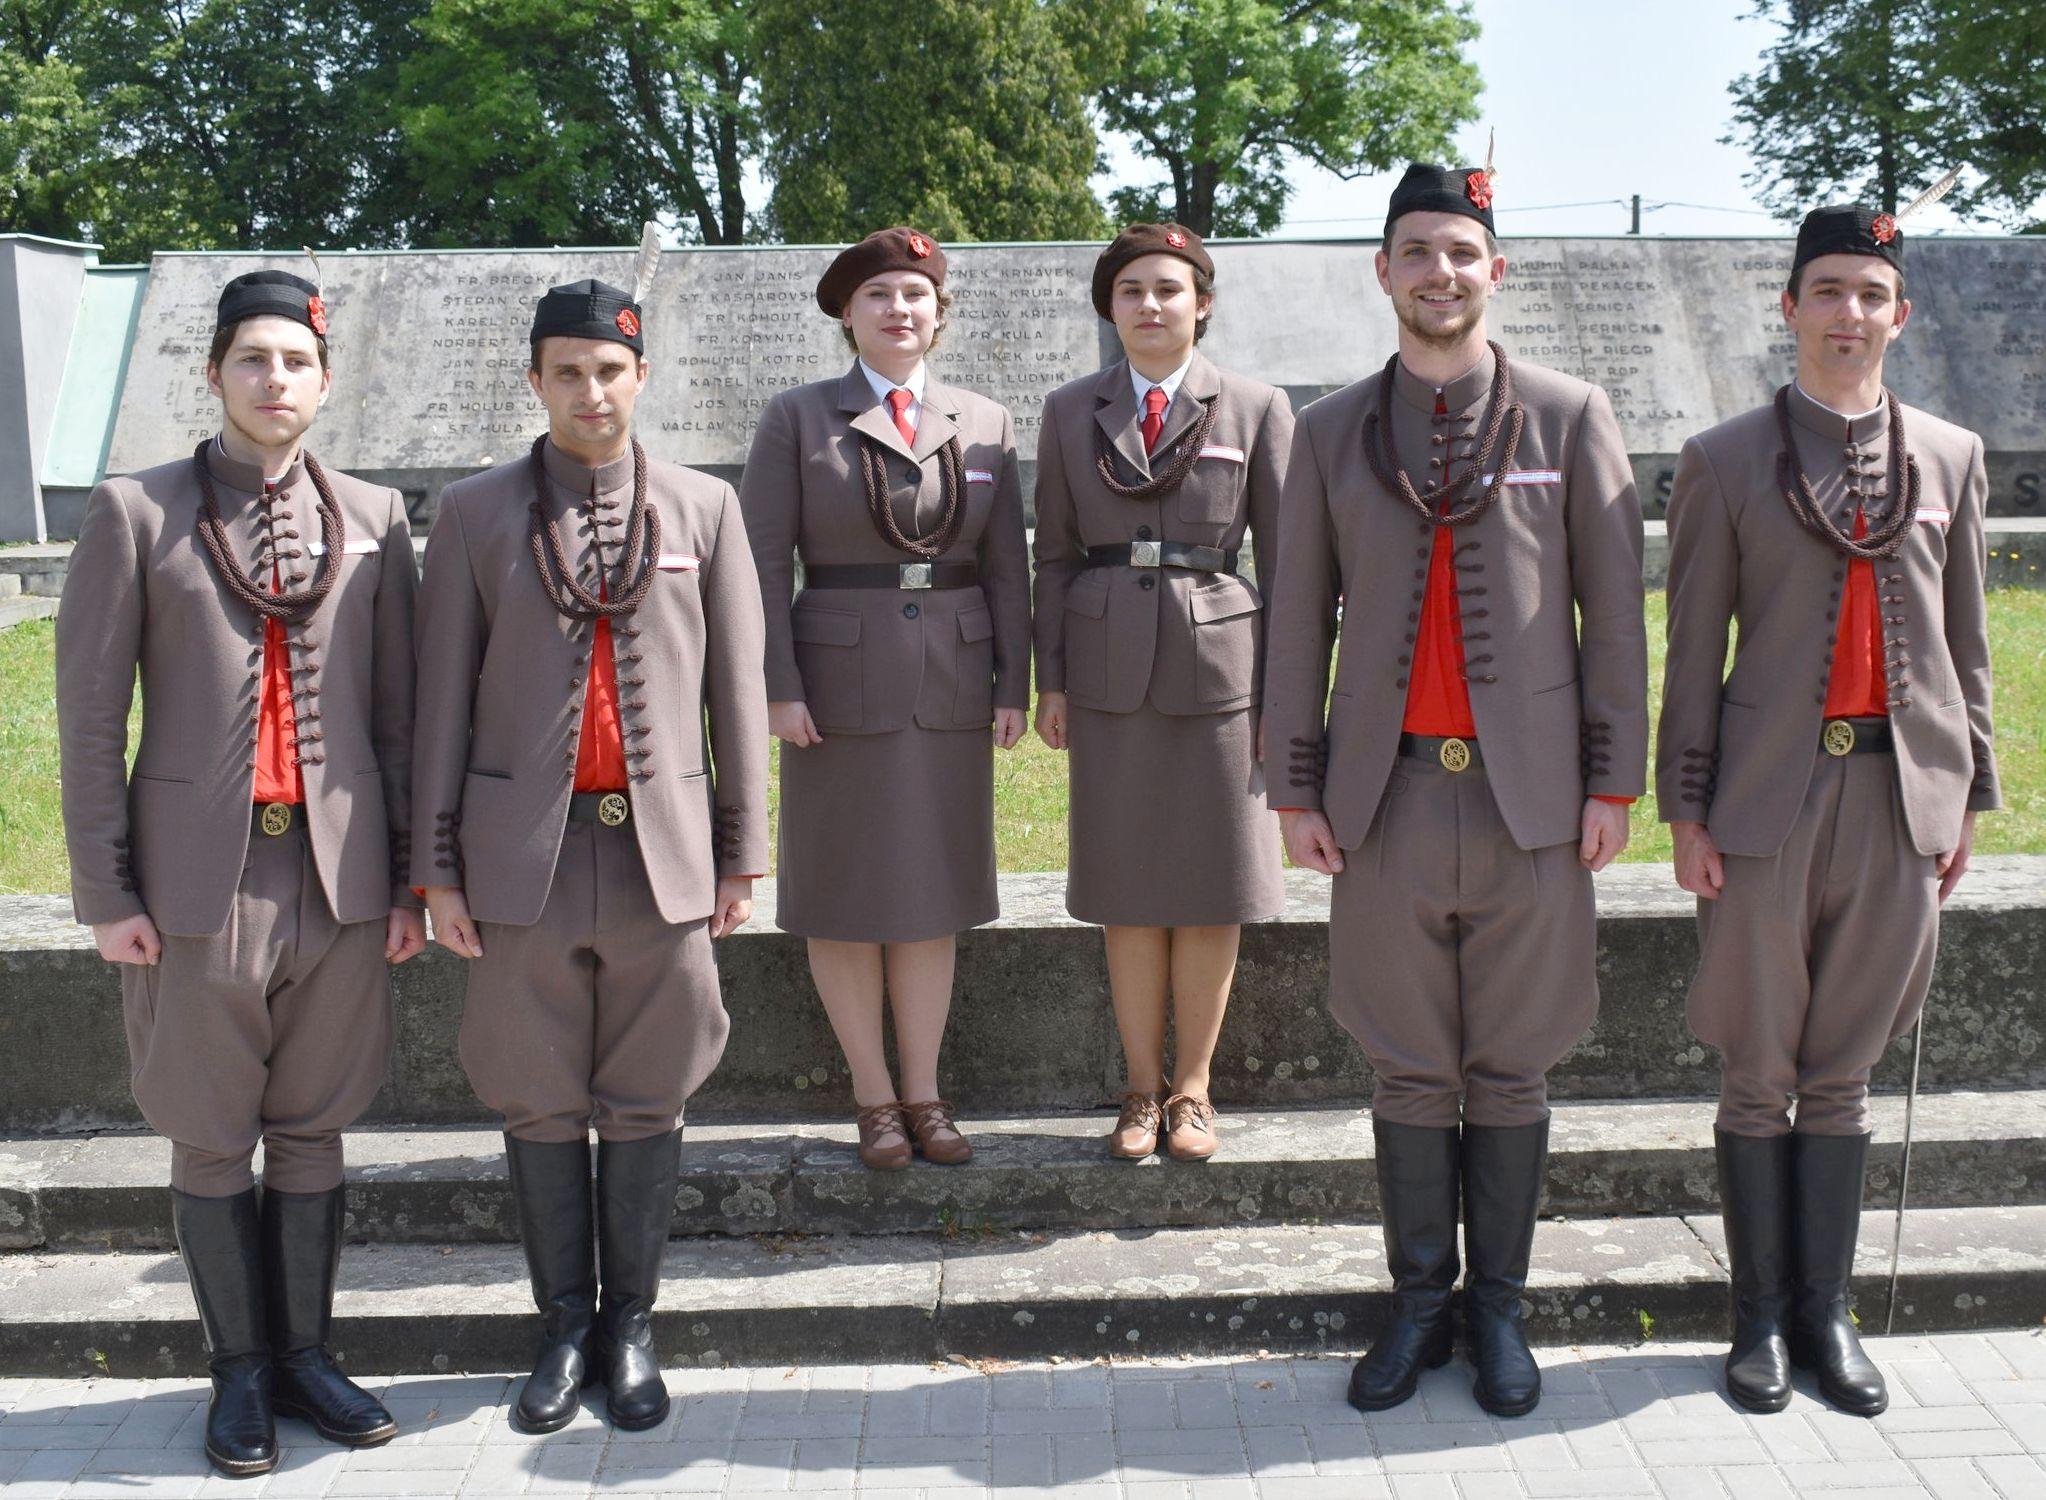 Sokolské kroje župy Moravskoslezské